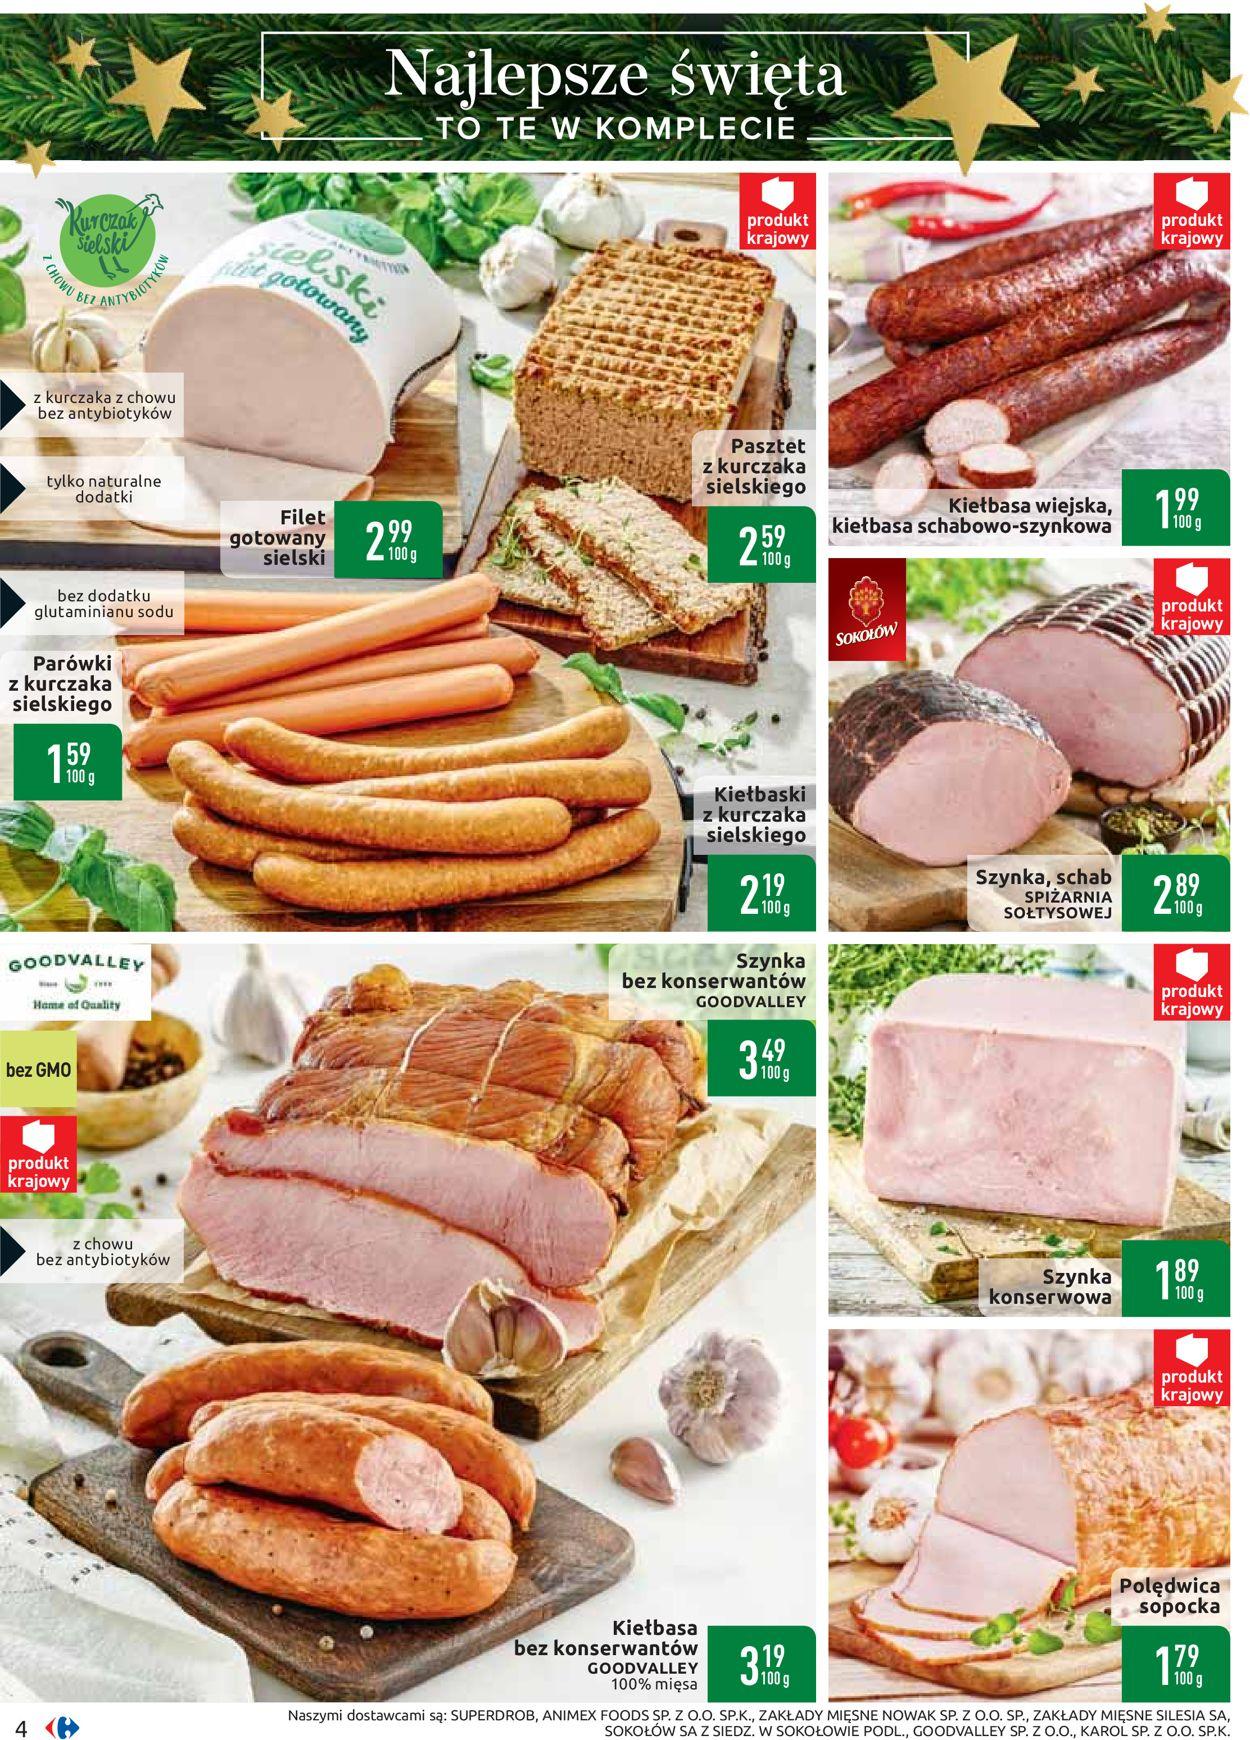 Gazetka promocyjna Carrefour - Gazetka Świąteczna 2019 - 26.11-07.12.2019 (Strona 4)